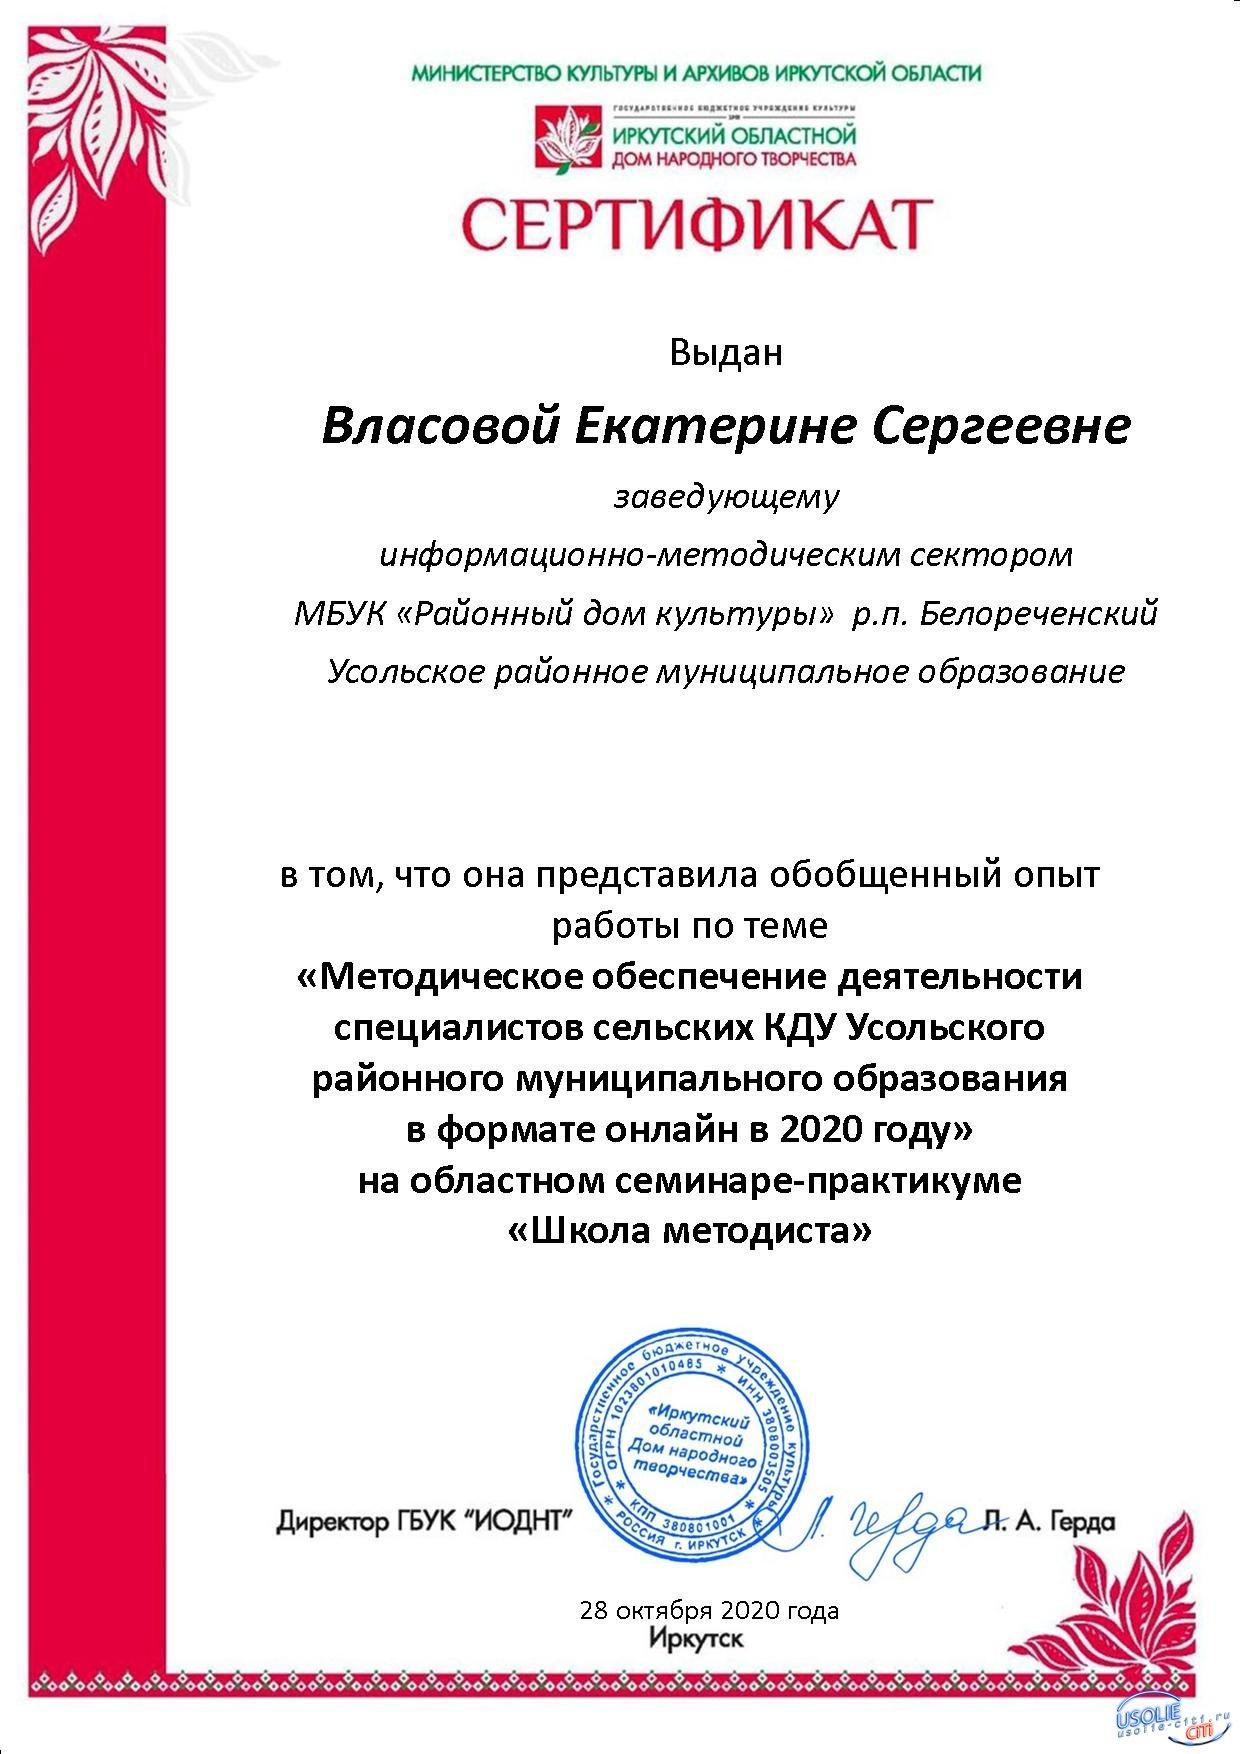 Опыт дистанционной работы Усольского района представили на областном семинаре практикуме